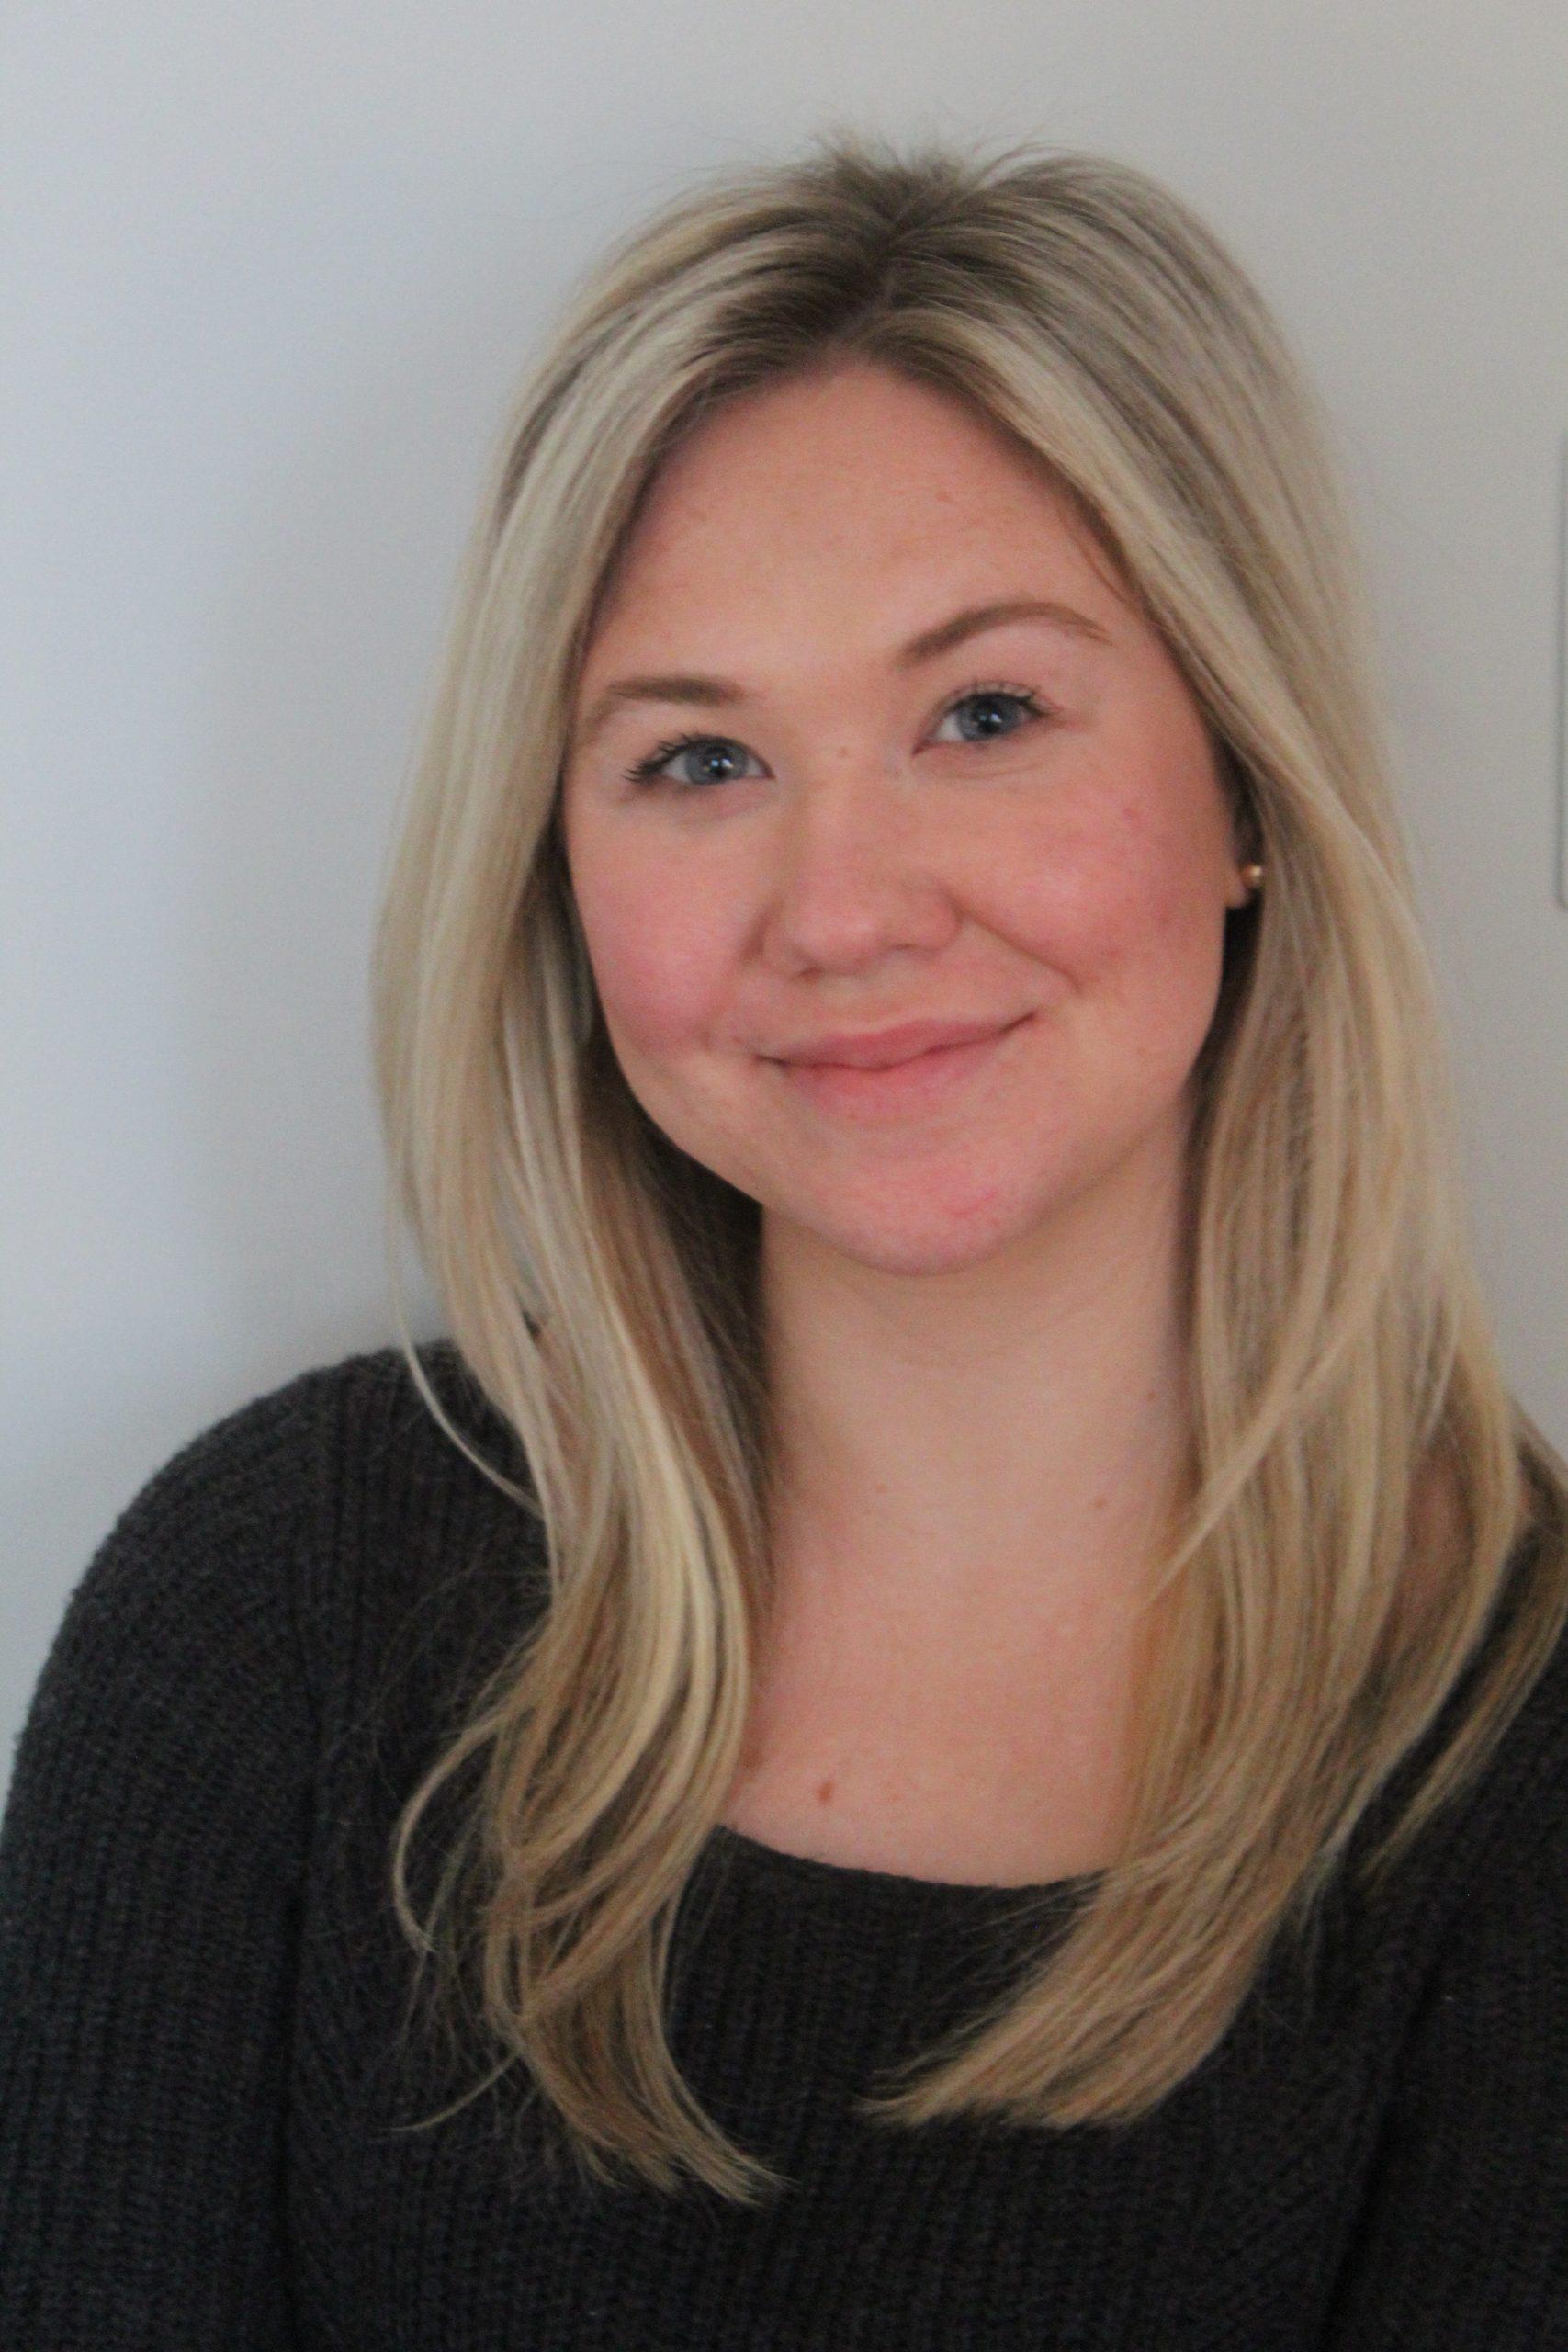 Rachel Curry - Client Services Coordinator